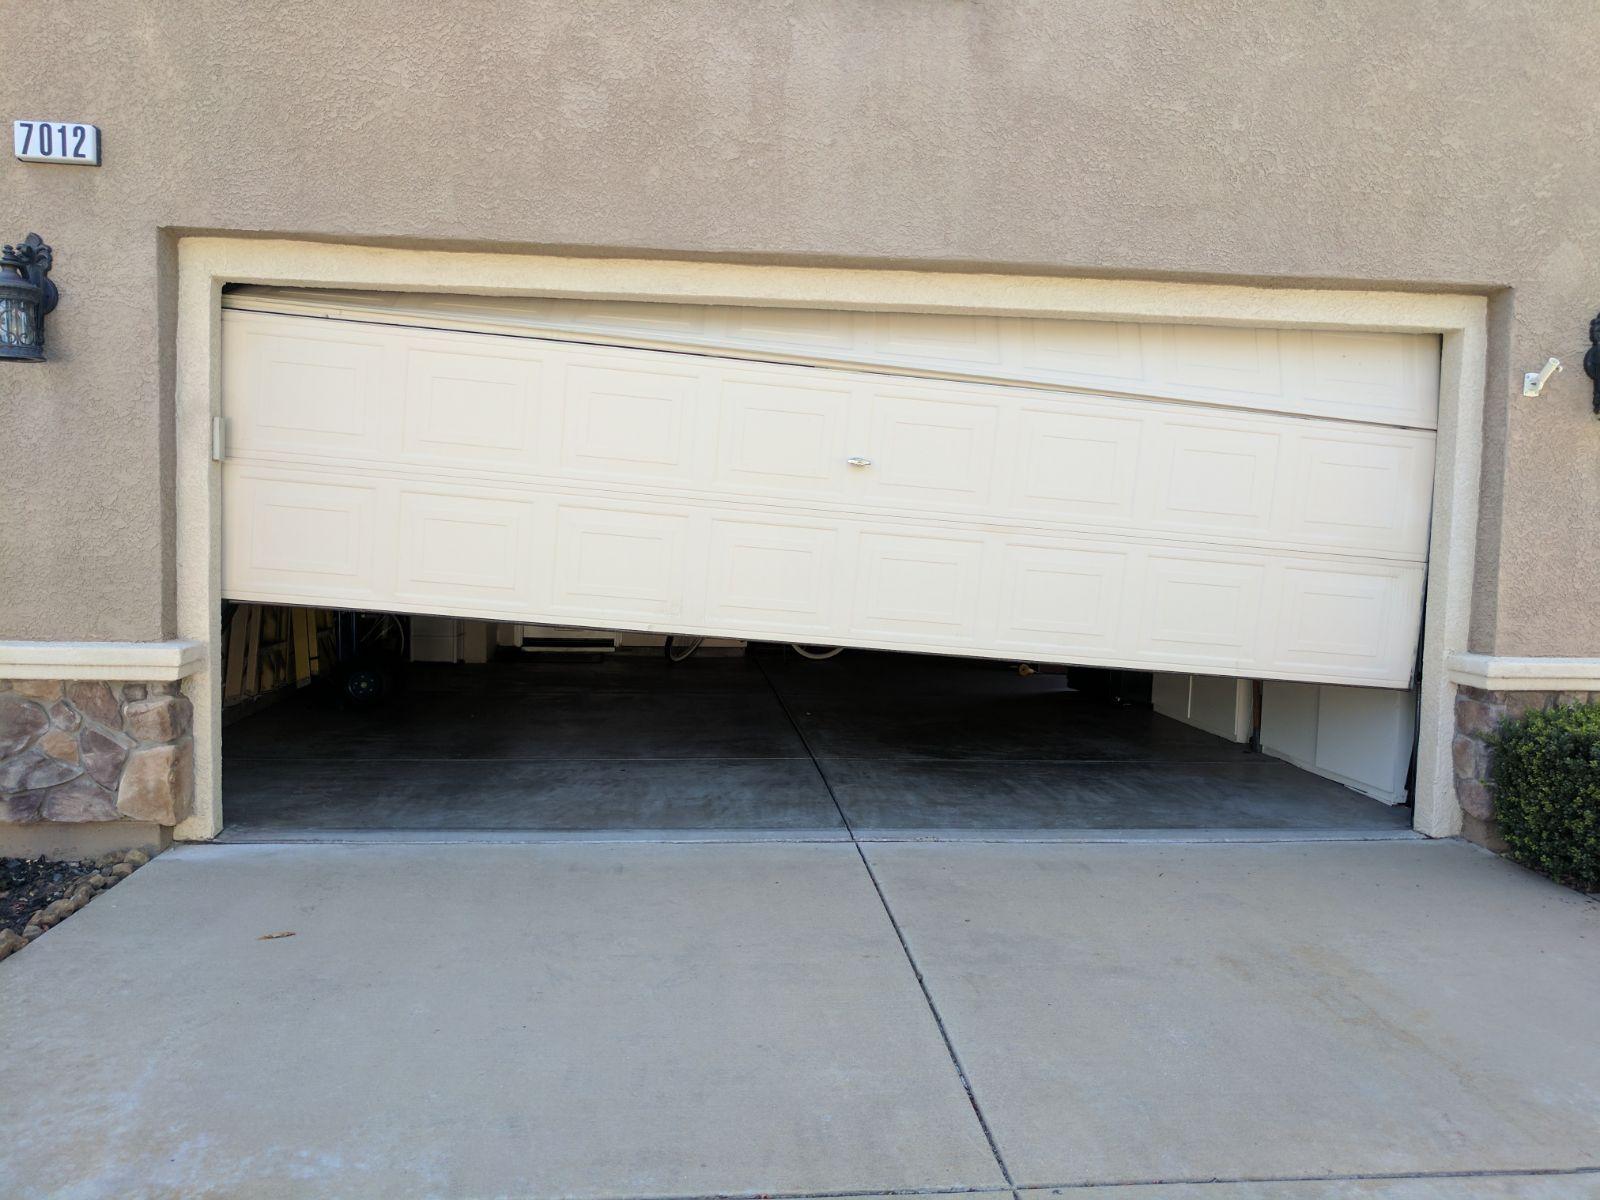 GR8 Garage Door image 30